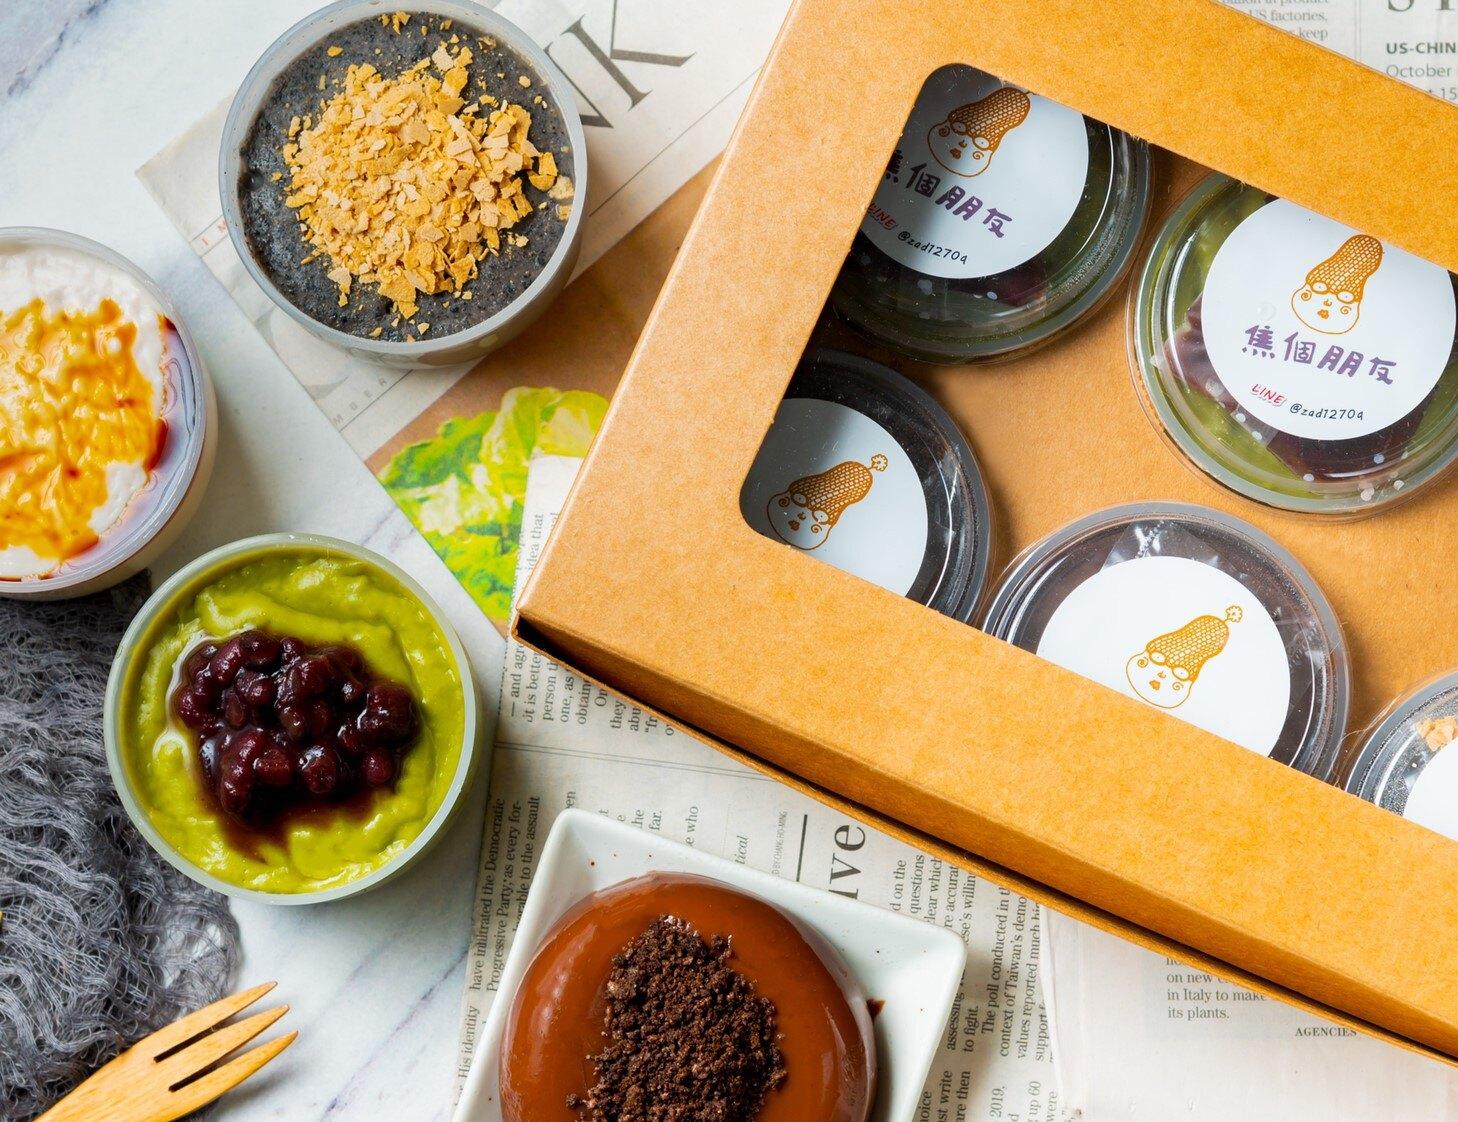 焦個朋友 花生豆腐 大禮盒(一盒六入裝)  (四種口味:原味、芝麻牛奶麥片、抹茶紅豆、OREO巧克力)